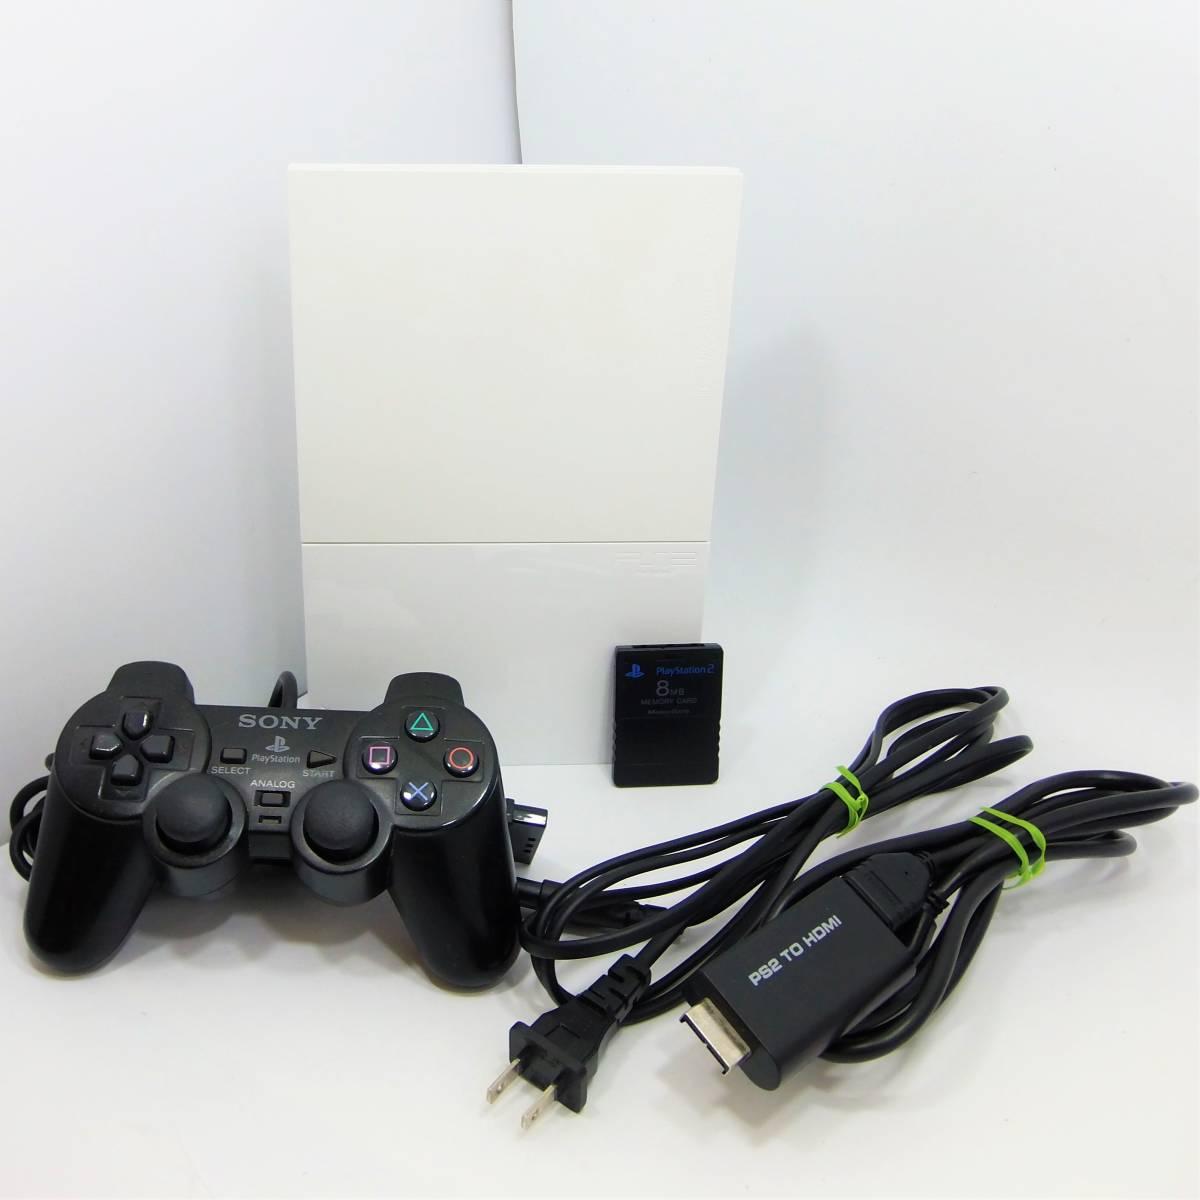 [ジャンク] ソニー SONY PlayStation2 PS2 本体 薄型 SCPH-90000 ホワイト コントローラー HDMI 8MBメモリーカード 付属 [3色コード欠品]_画像1